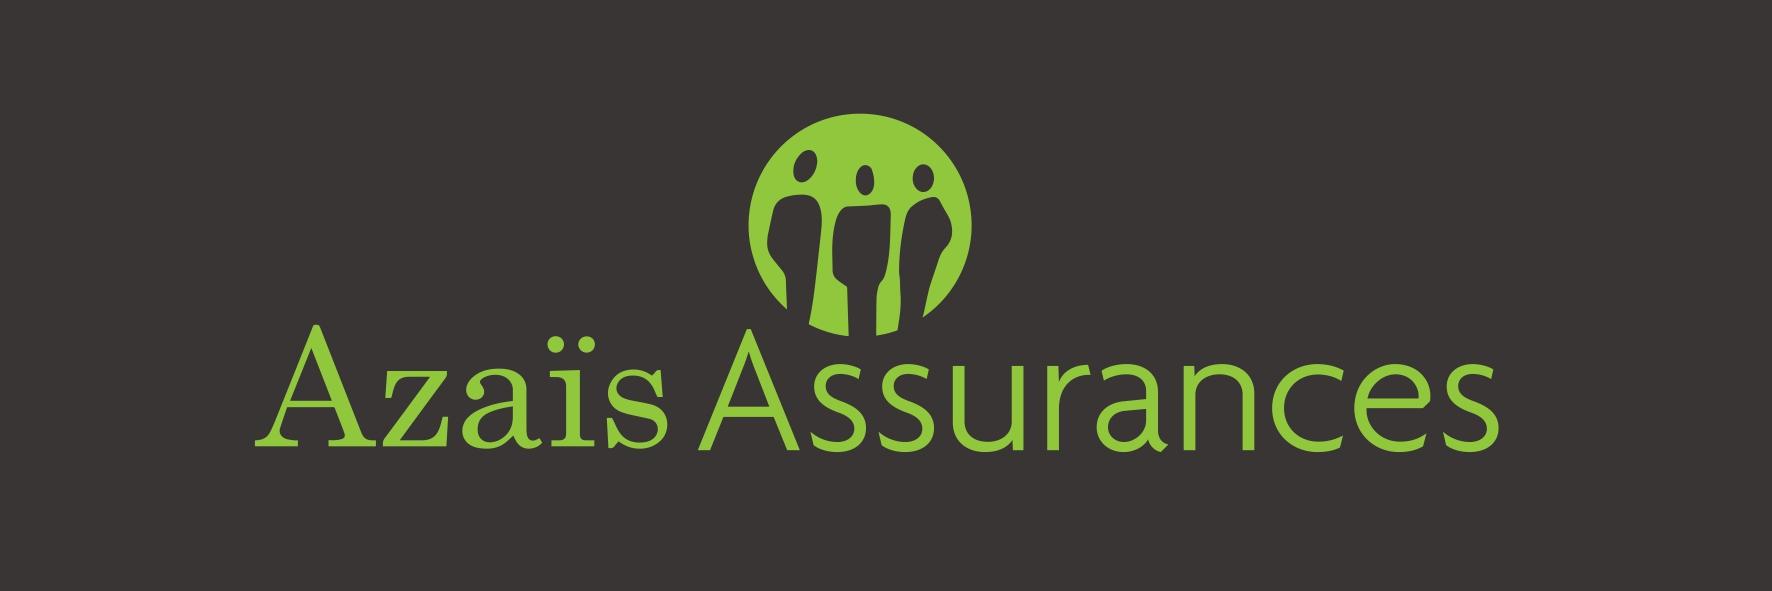 http://usepmm.fr/wp-content/uploads/2021/03/AZAIS-Assurance-vert_page-0001.jpg